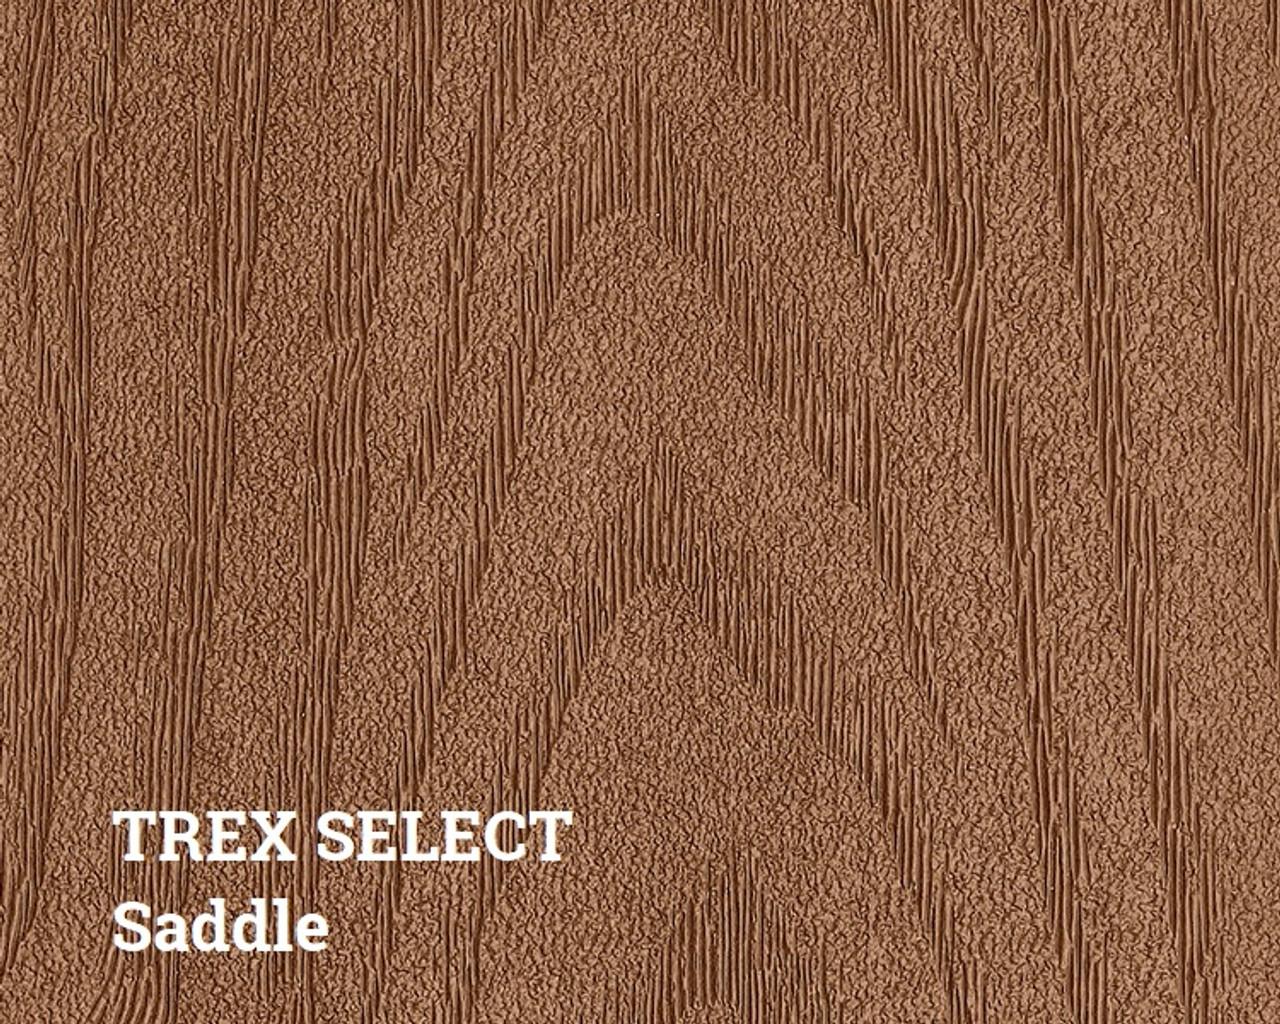 Trex Select Saddle Decking Surface